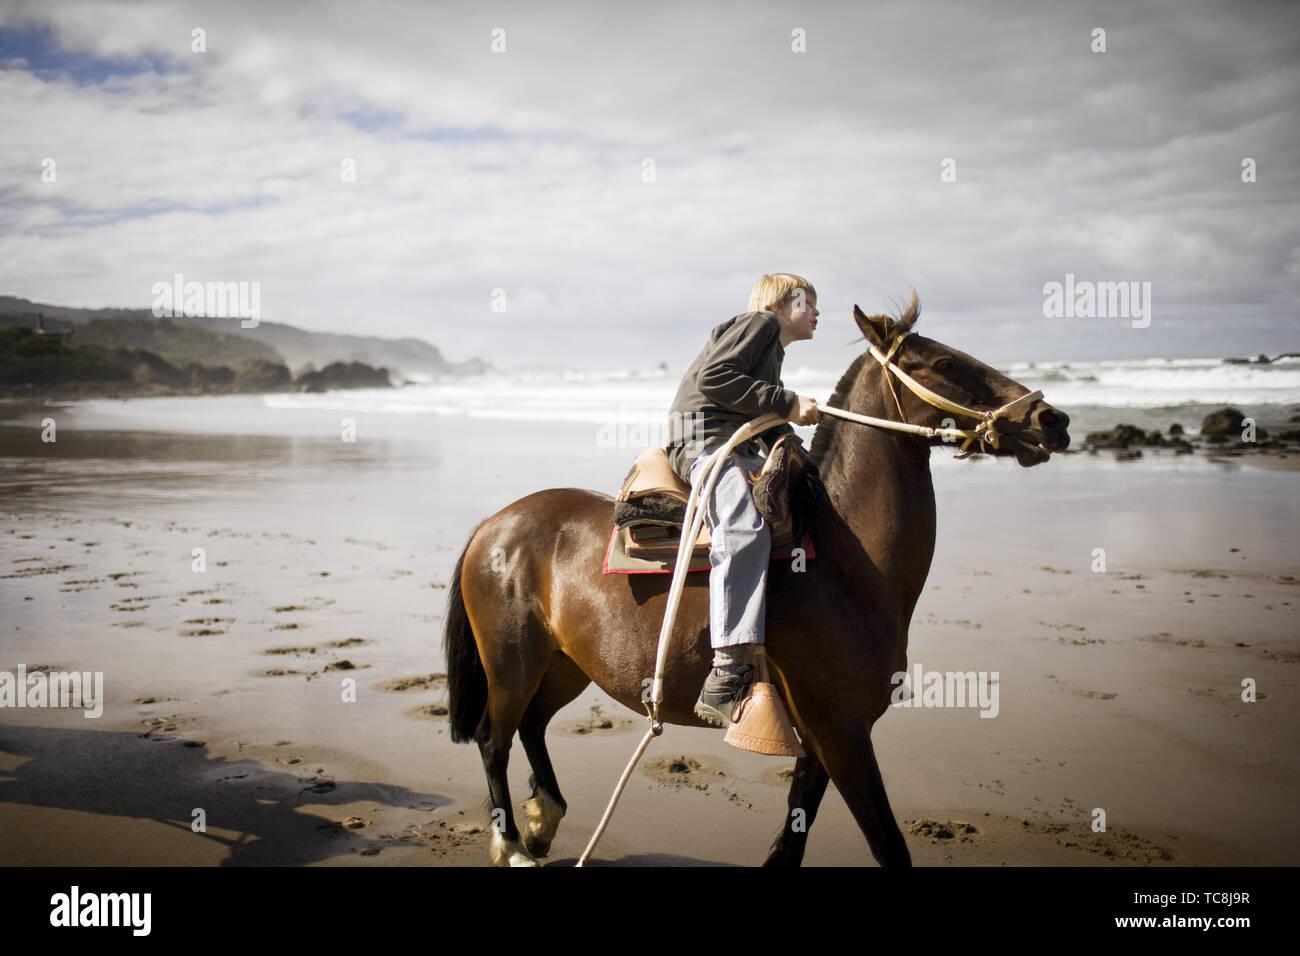 Boy riding a horse along the beach. - Stock Image